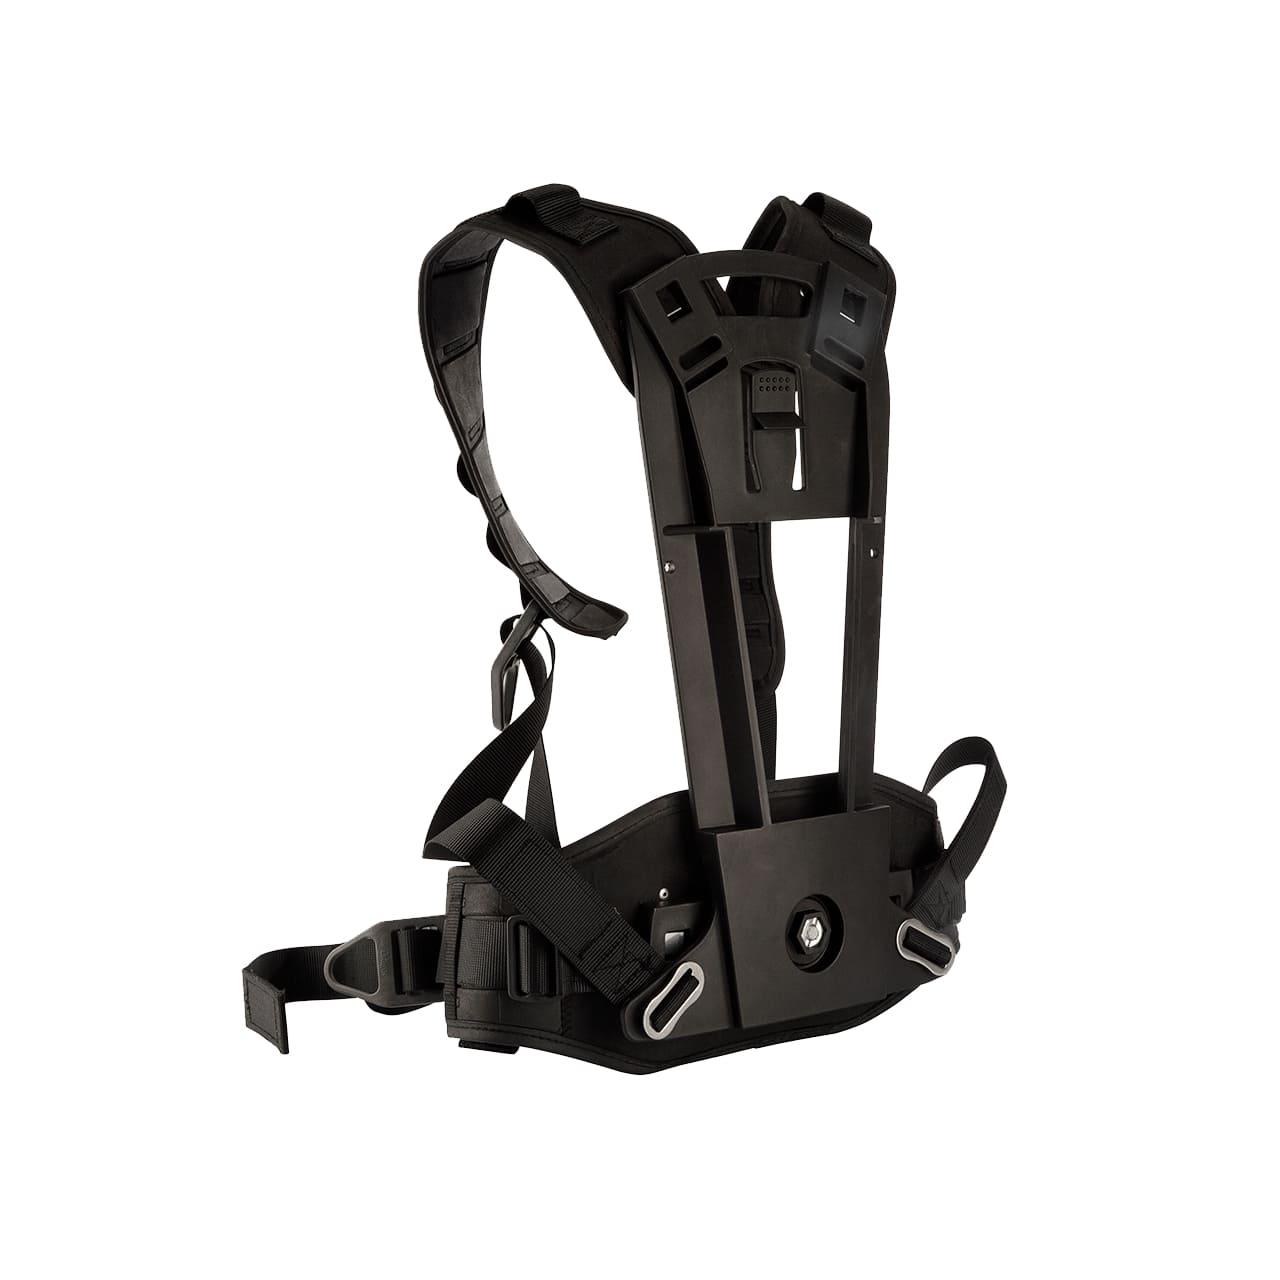 Ego AFH1300 Double-Shoulder Harness